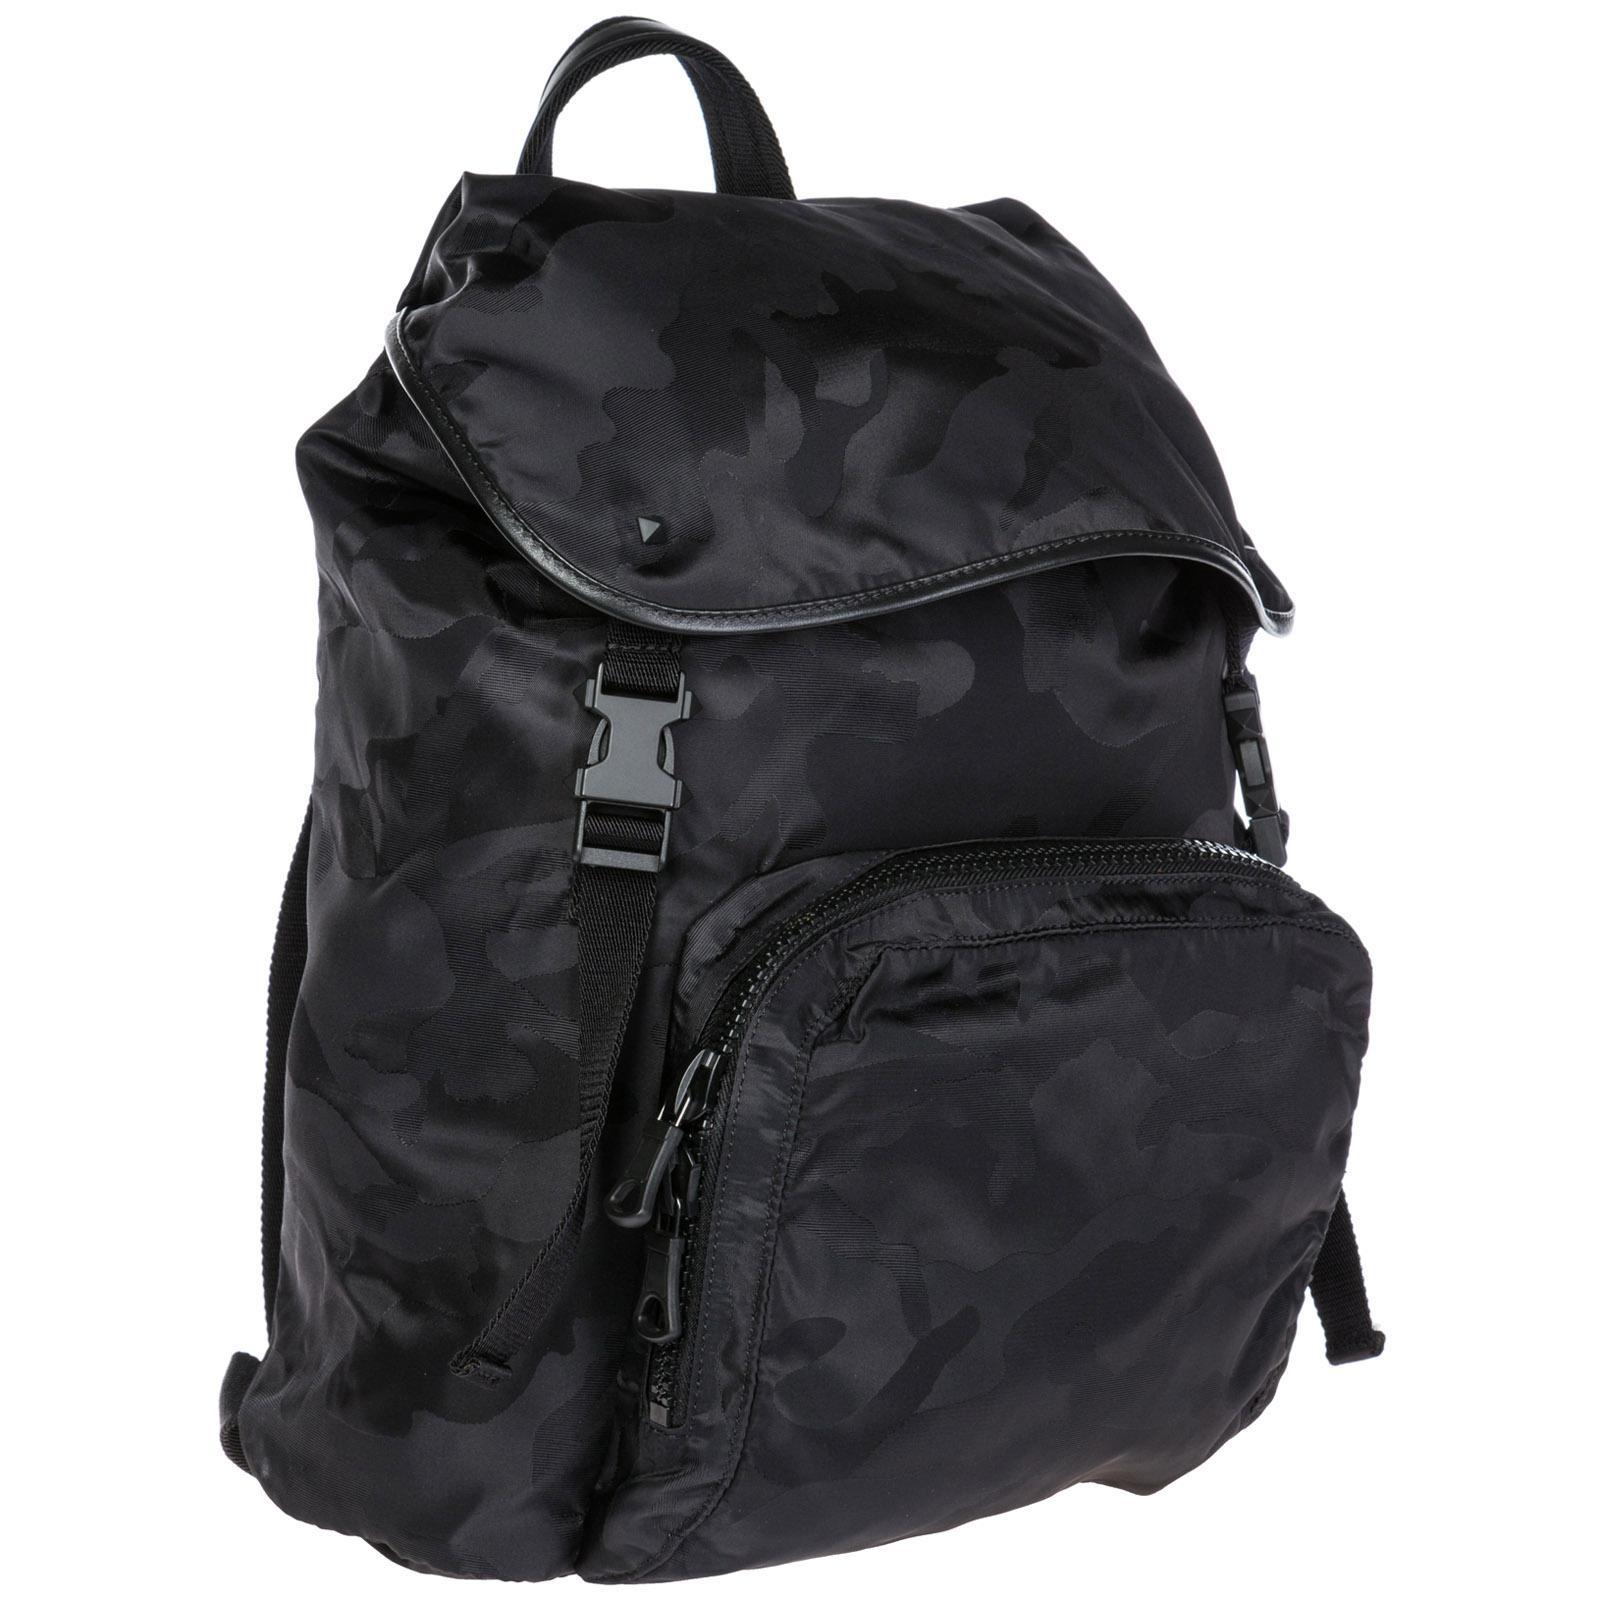 c103ebe0be Valentino Nylon Rucksack Backpack Travel in Black for Men - Lyst